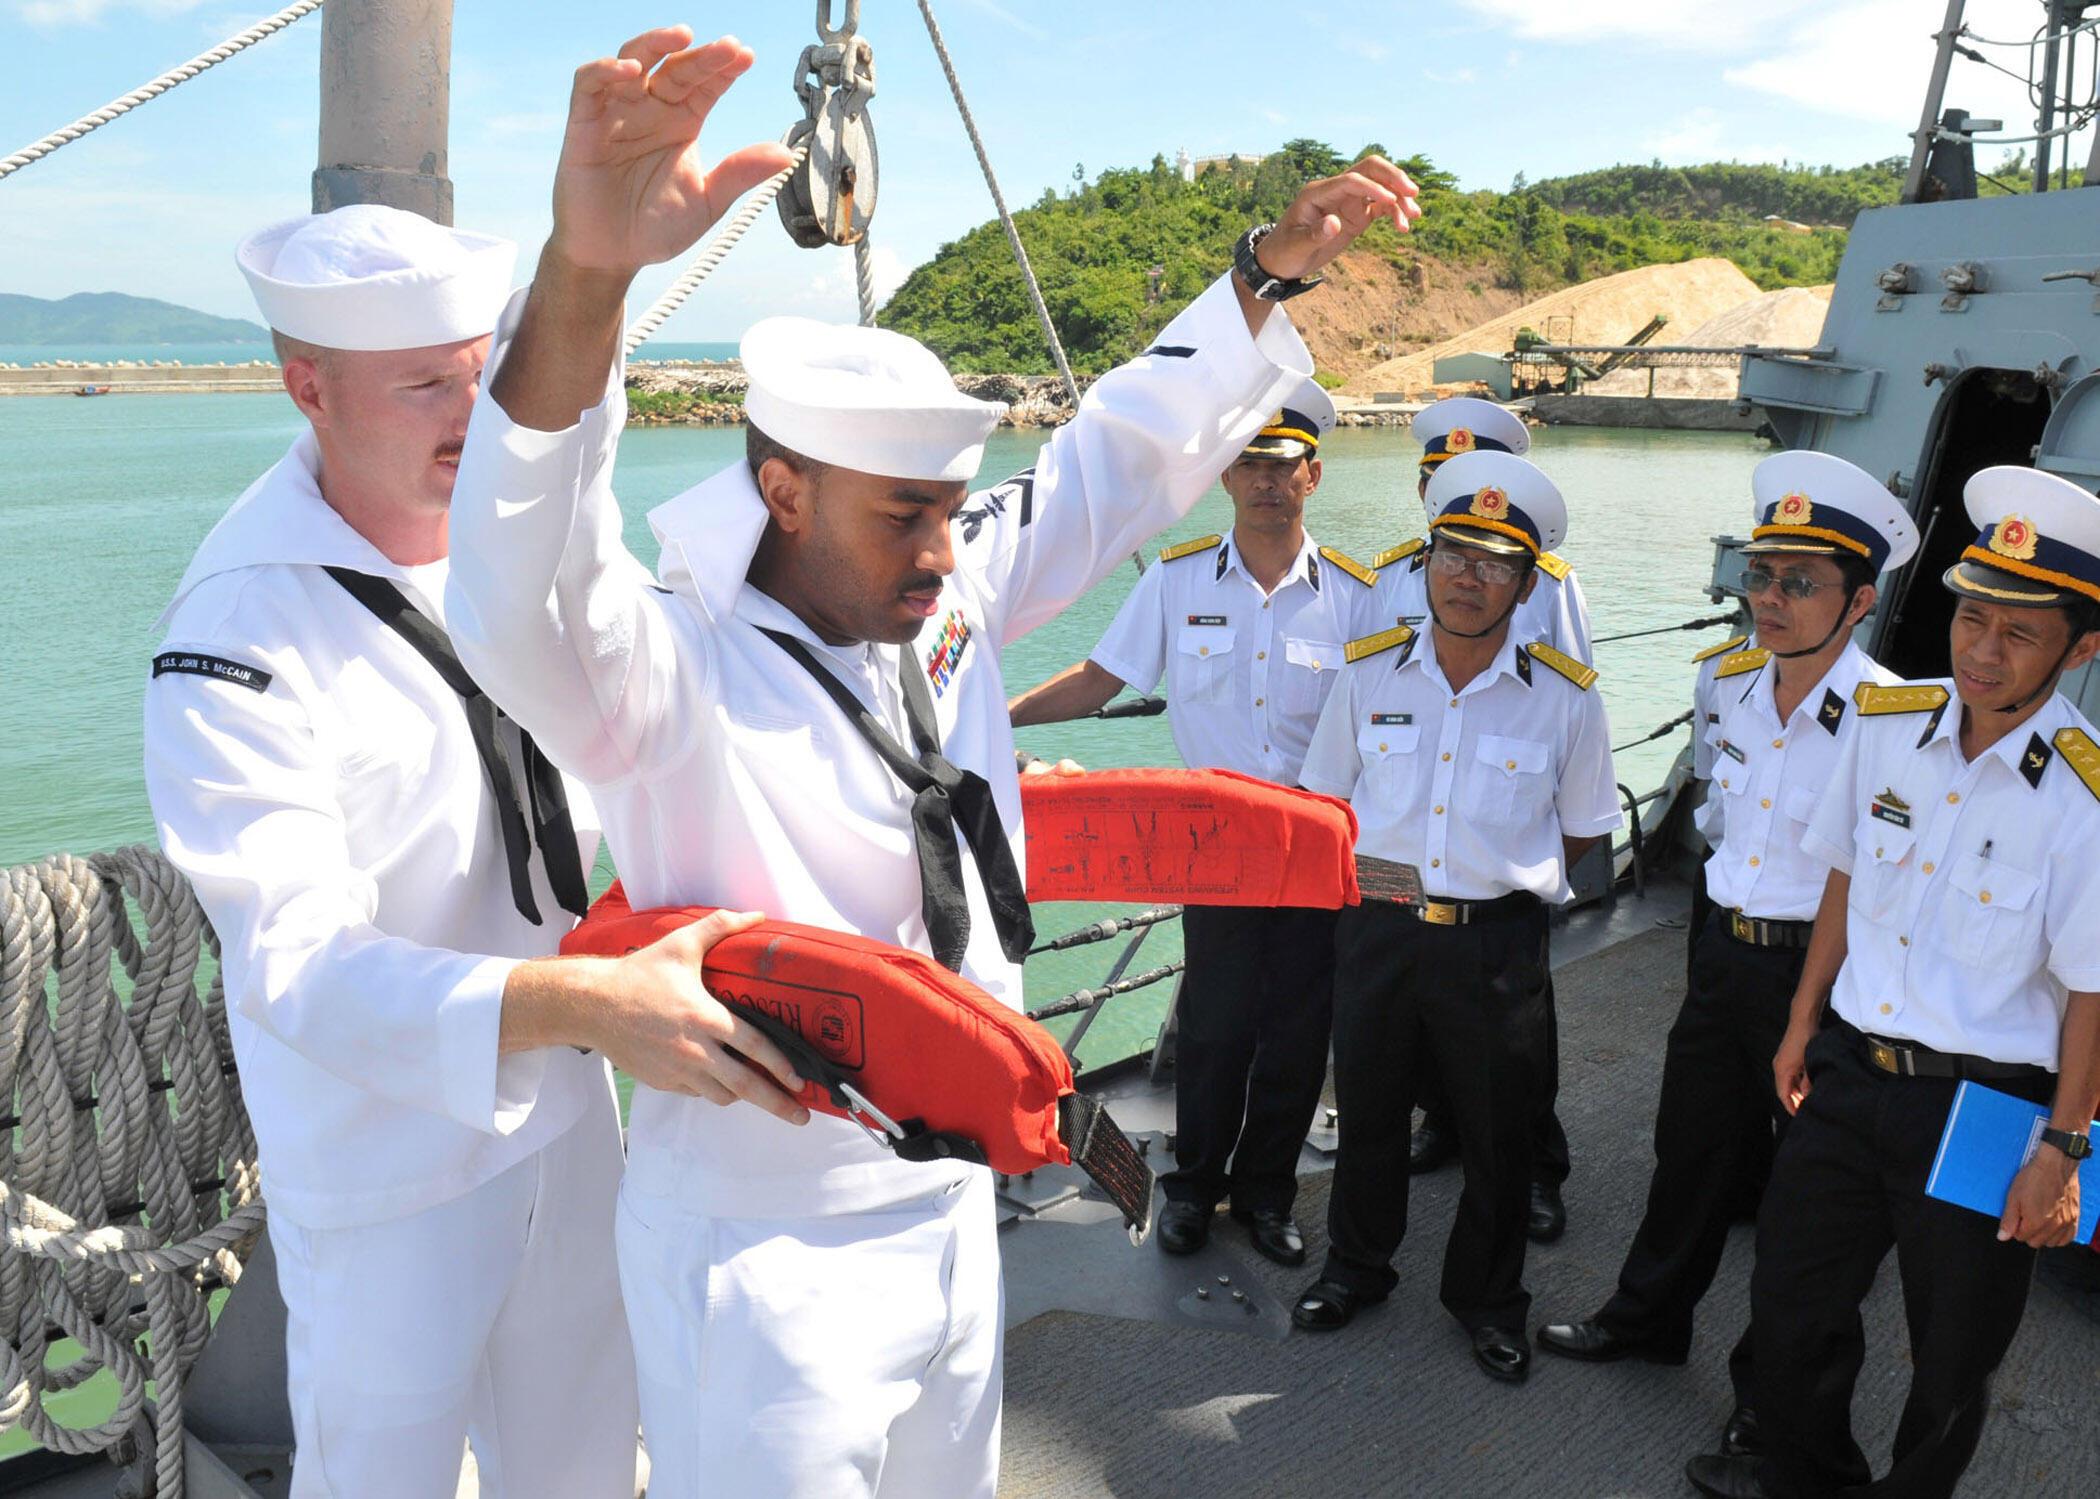 Thủy thủ Mỹ trên chiến hạm USS John S. McCain hướng dẫn kỹ thuật cứu nạn cho Hải quân Việt Nam. Ảnh chụp ngày 11/08/2010.